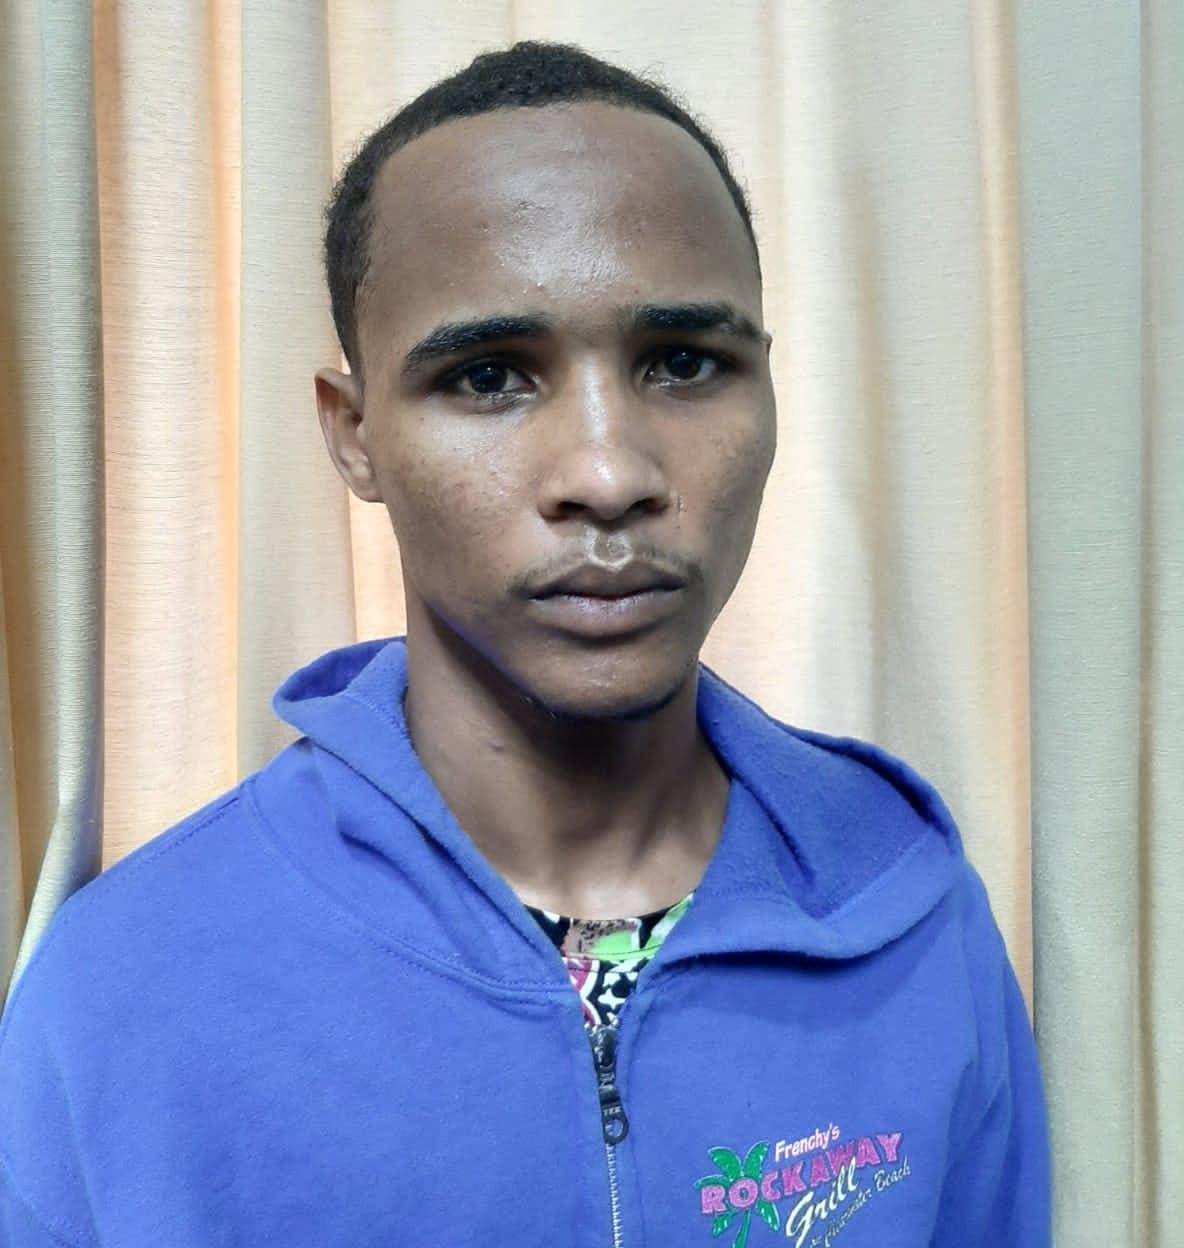 Se entrega joven acusado de ultimar menor en Moca